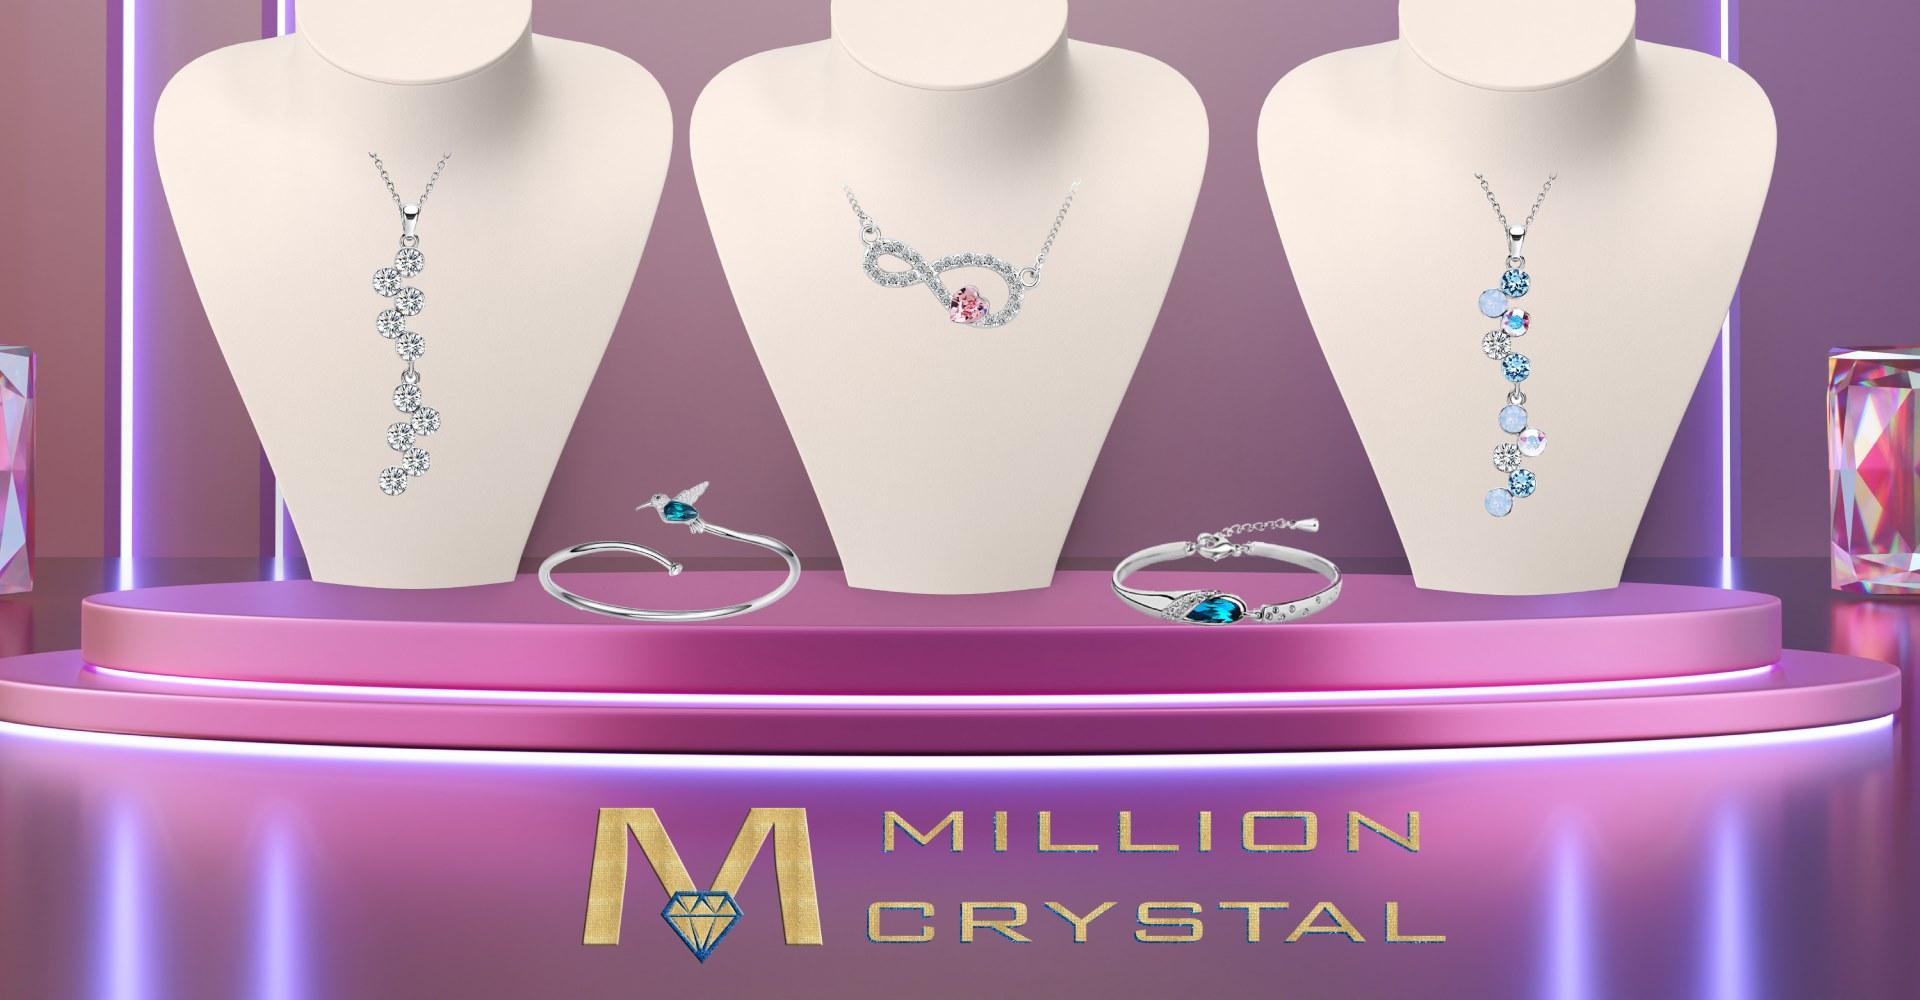 MillionCrystal